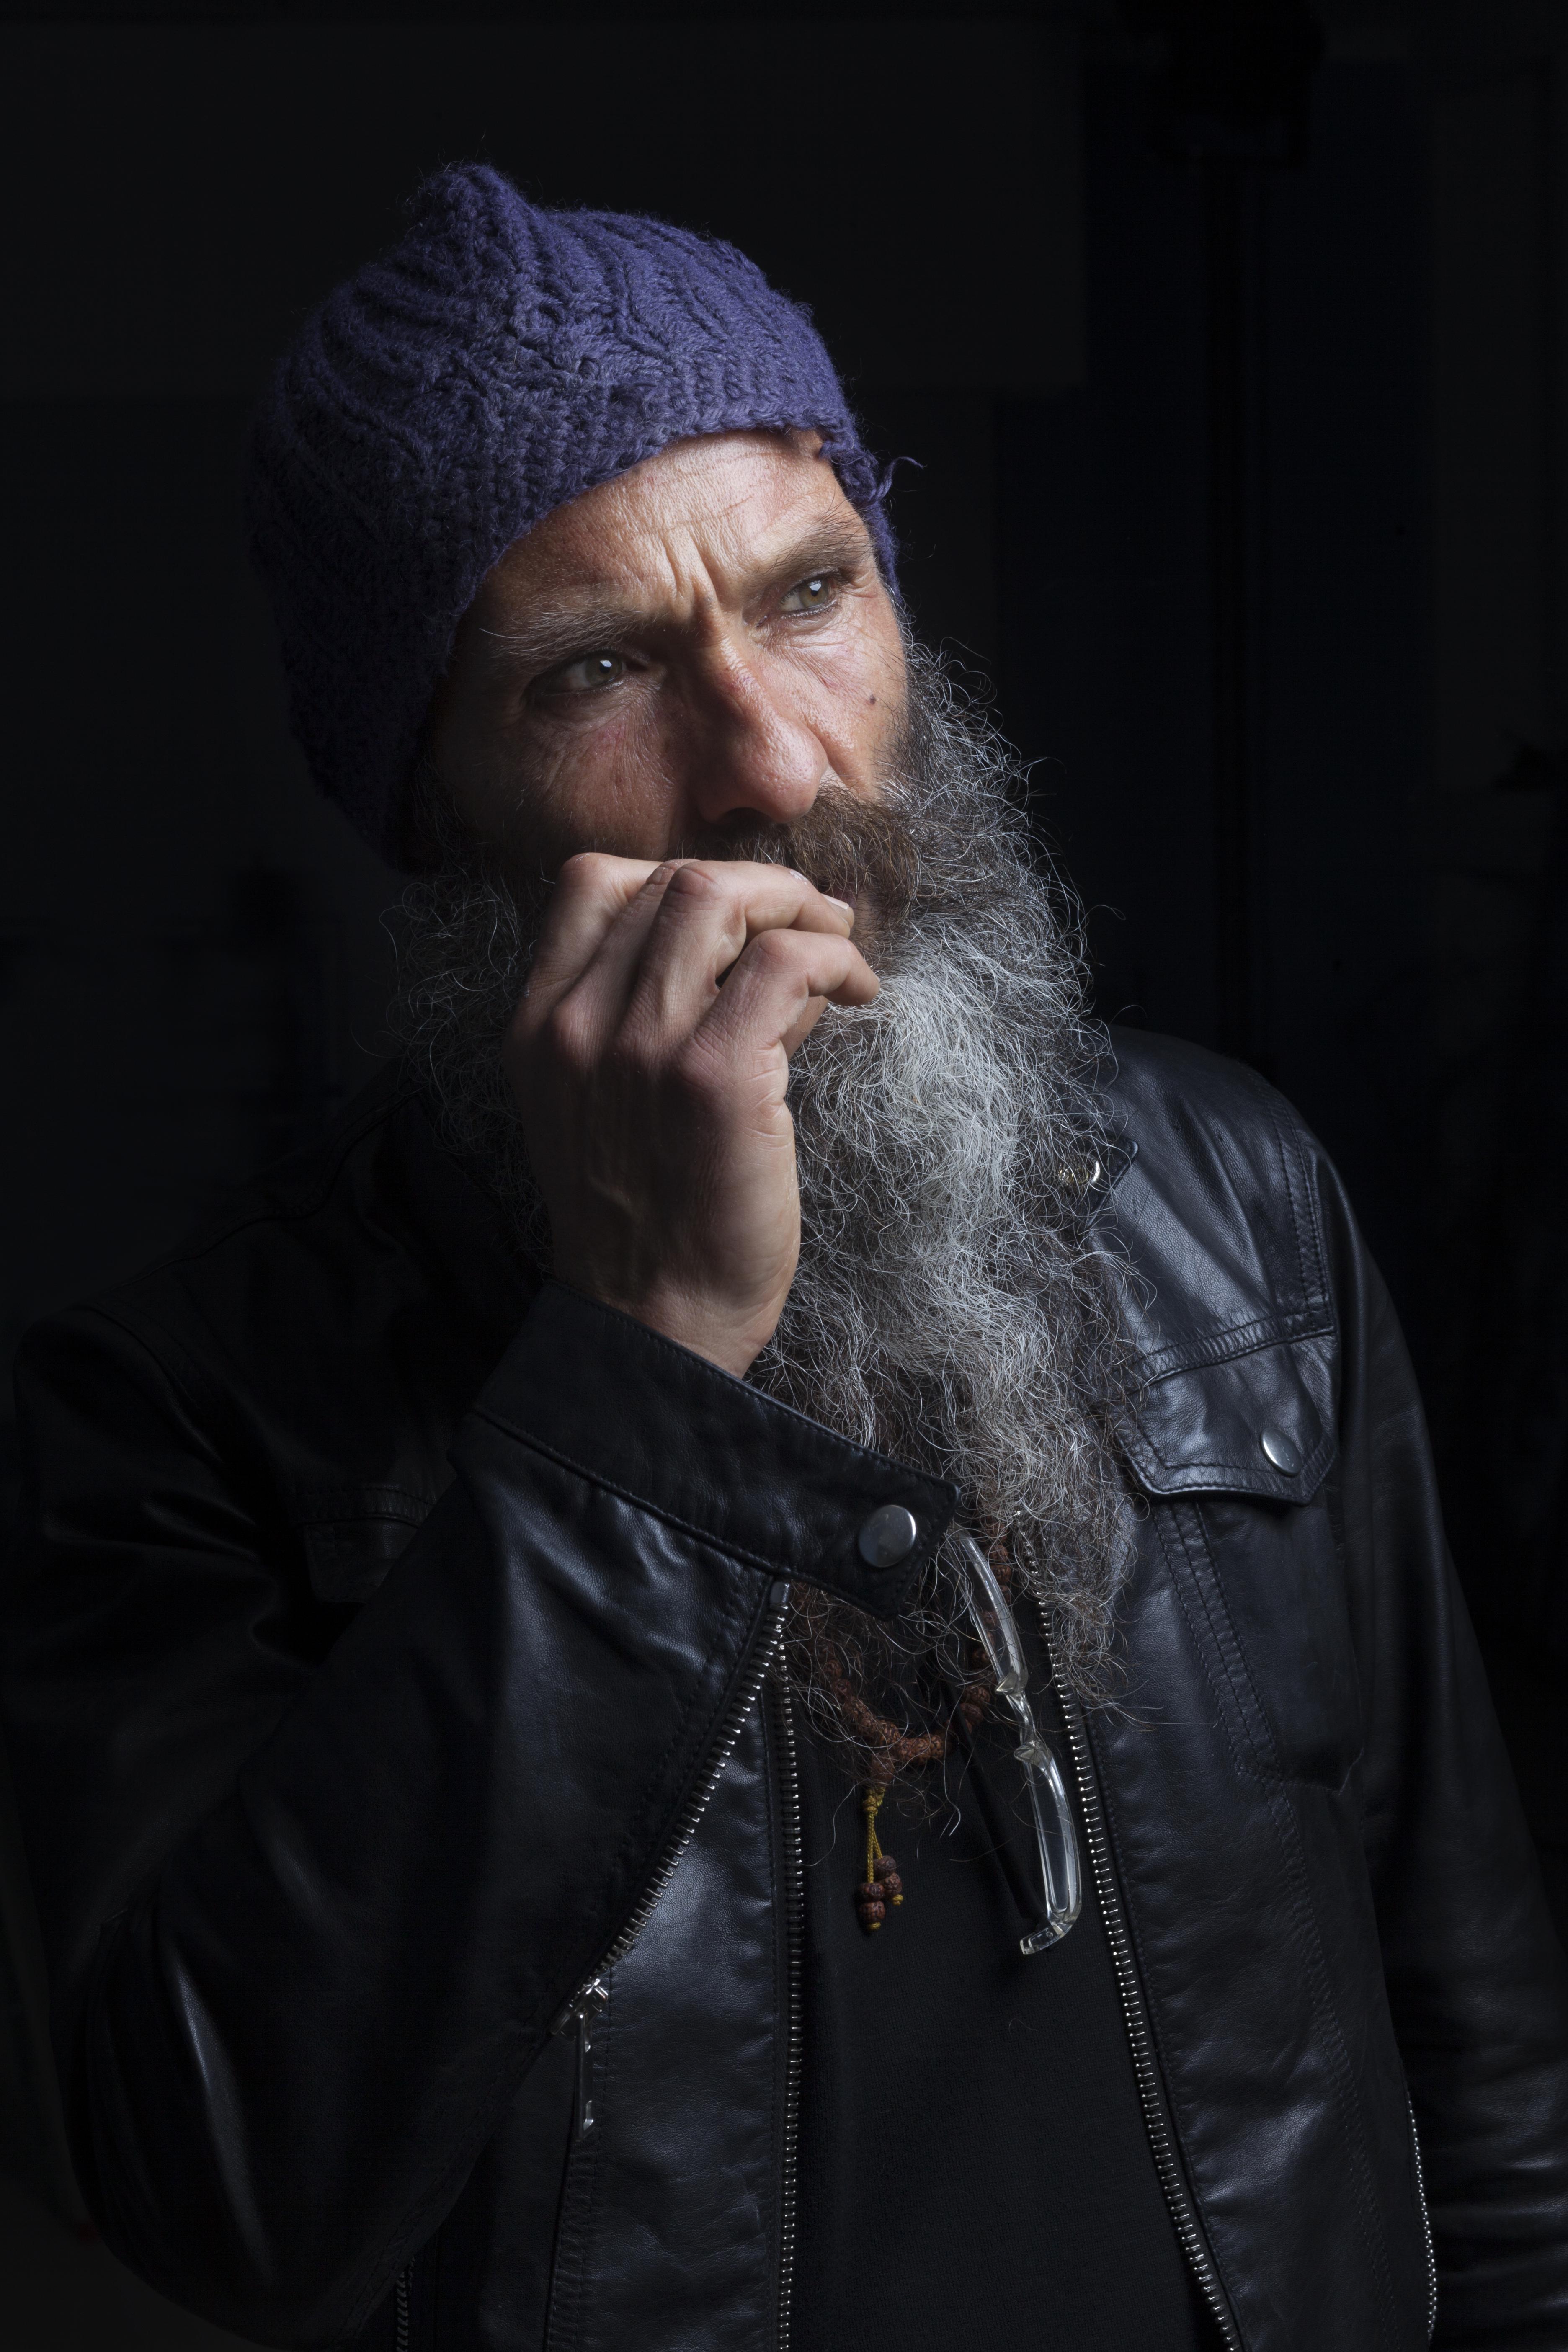 Un ritratto di Vitaliano. Foto: Nicola Gnesi